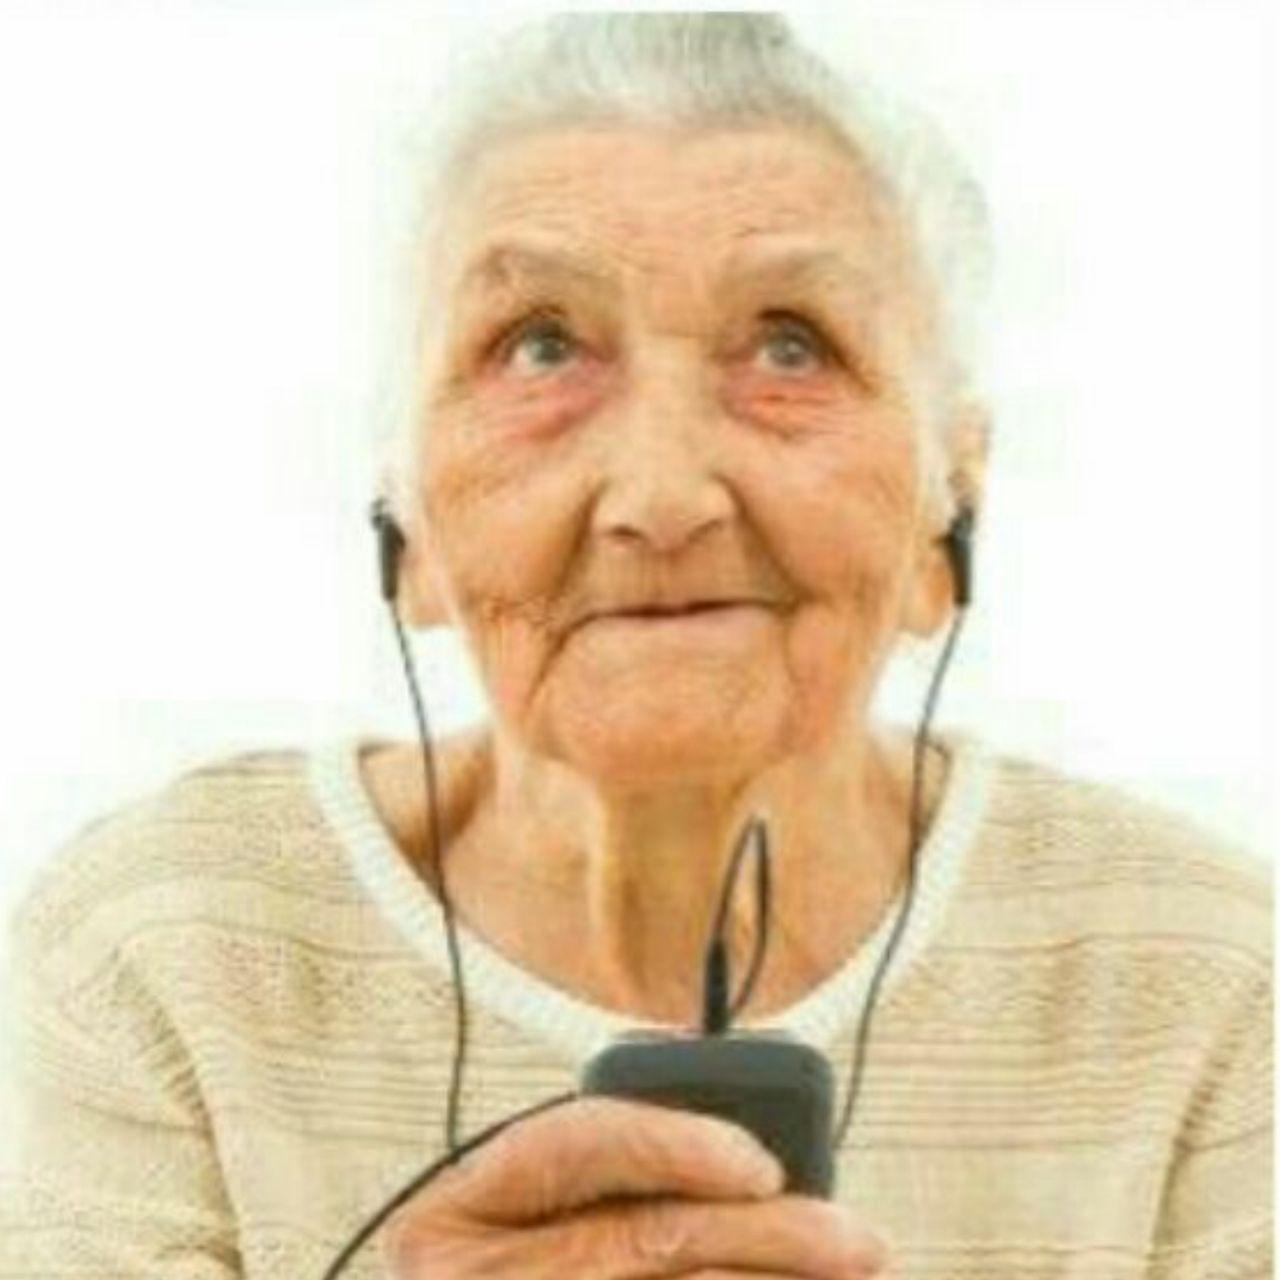 گوش دادن به موسیقی ابتلا به آلزایمر را کاهش میدهد